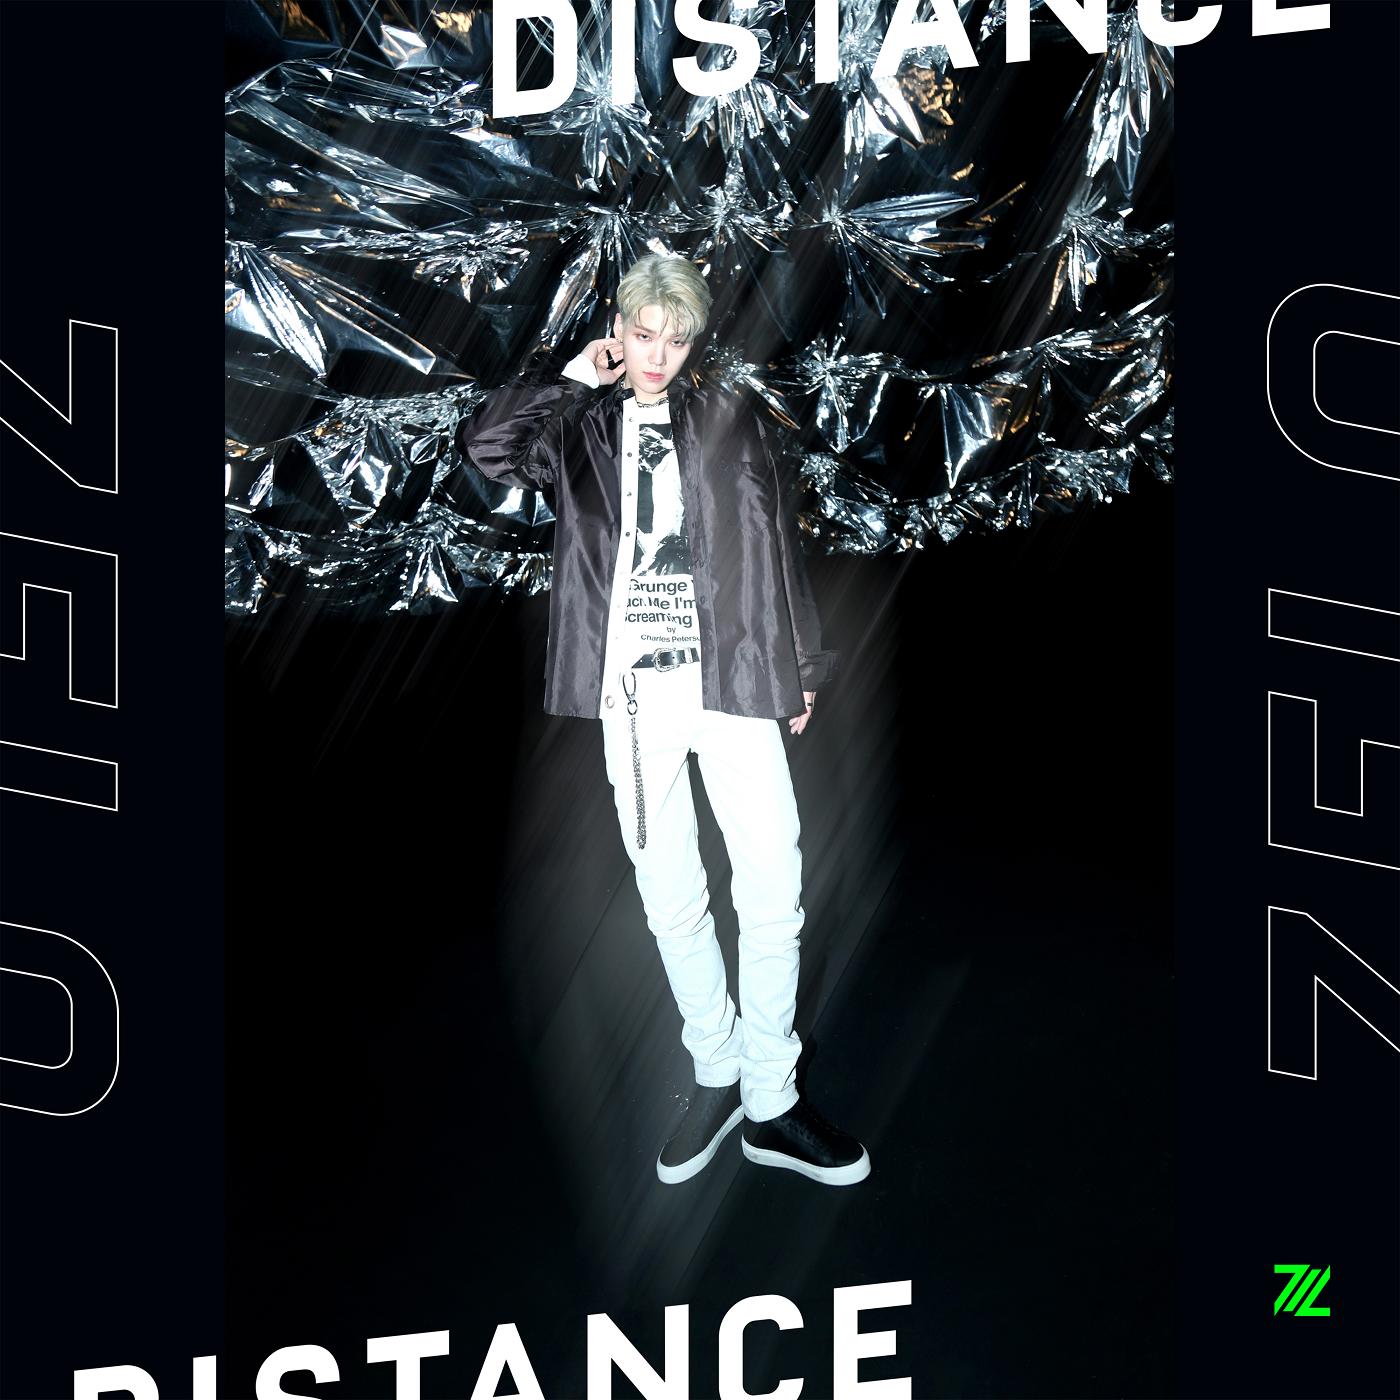 Distance (Джело)